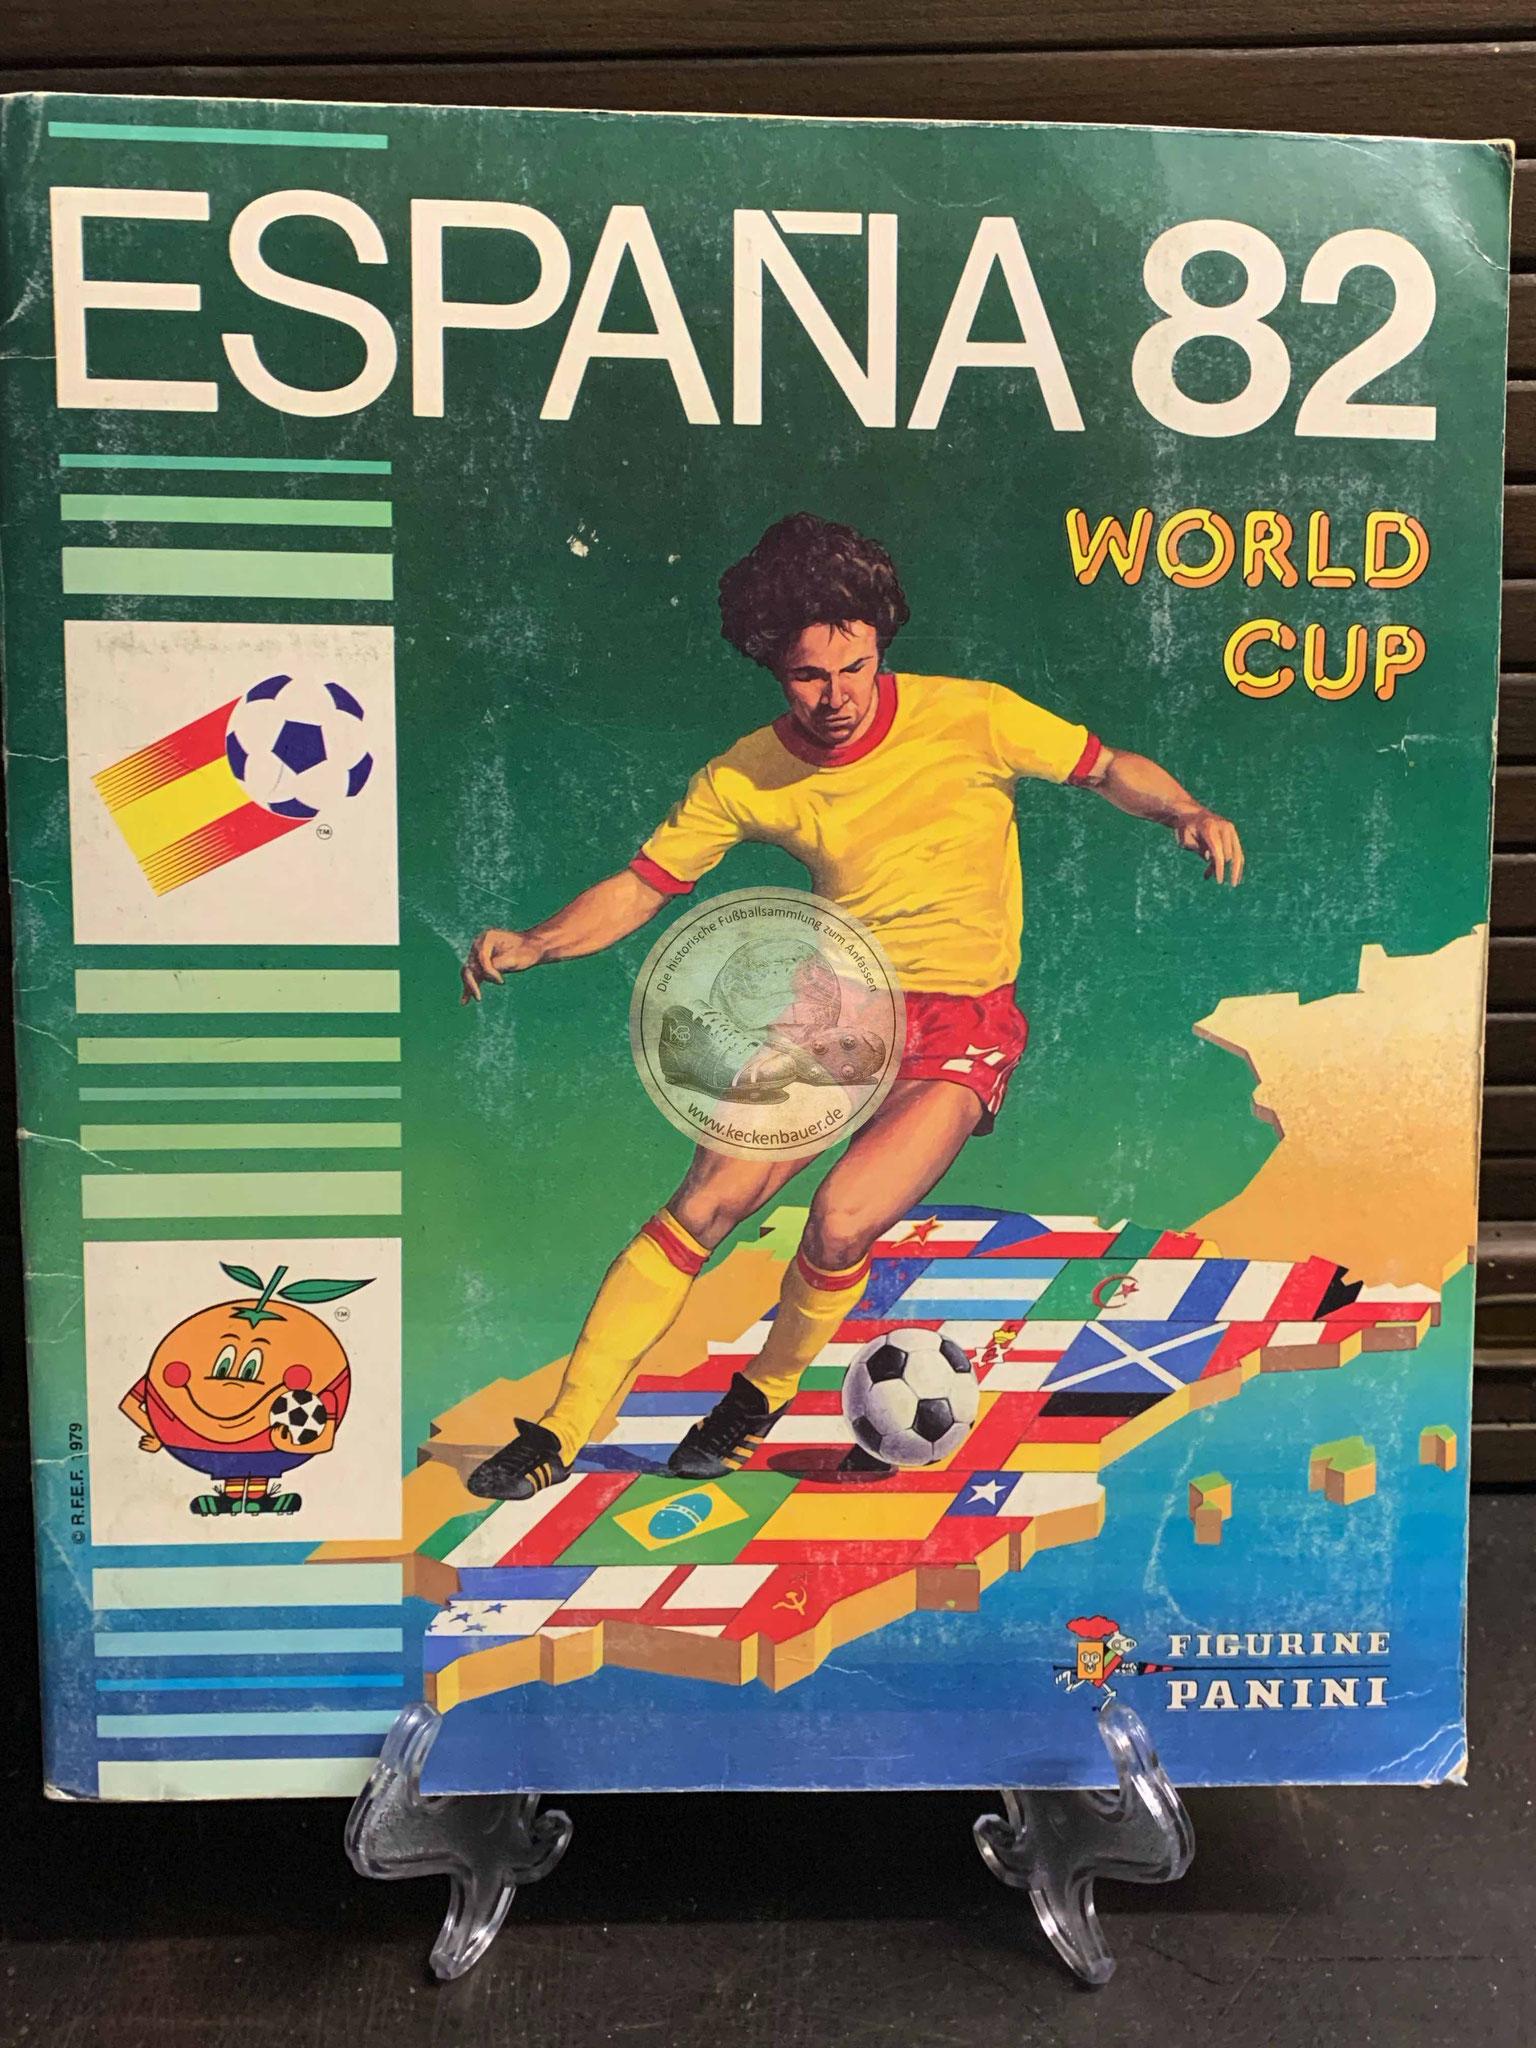 Panini Album von der WM 1982 in Spanien